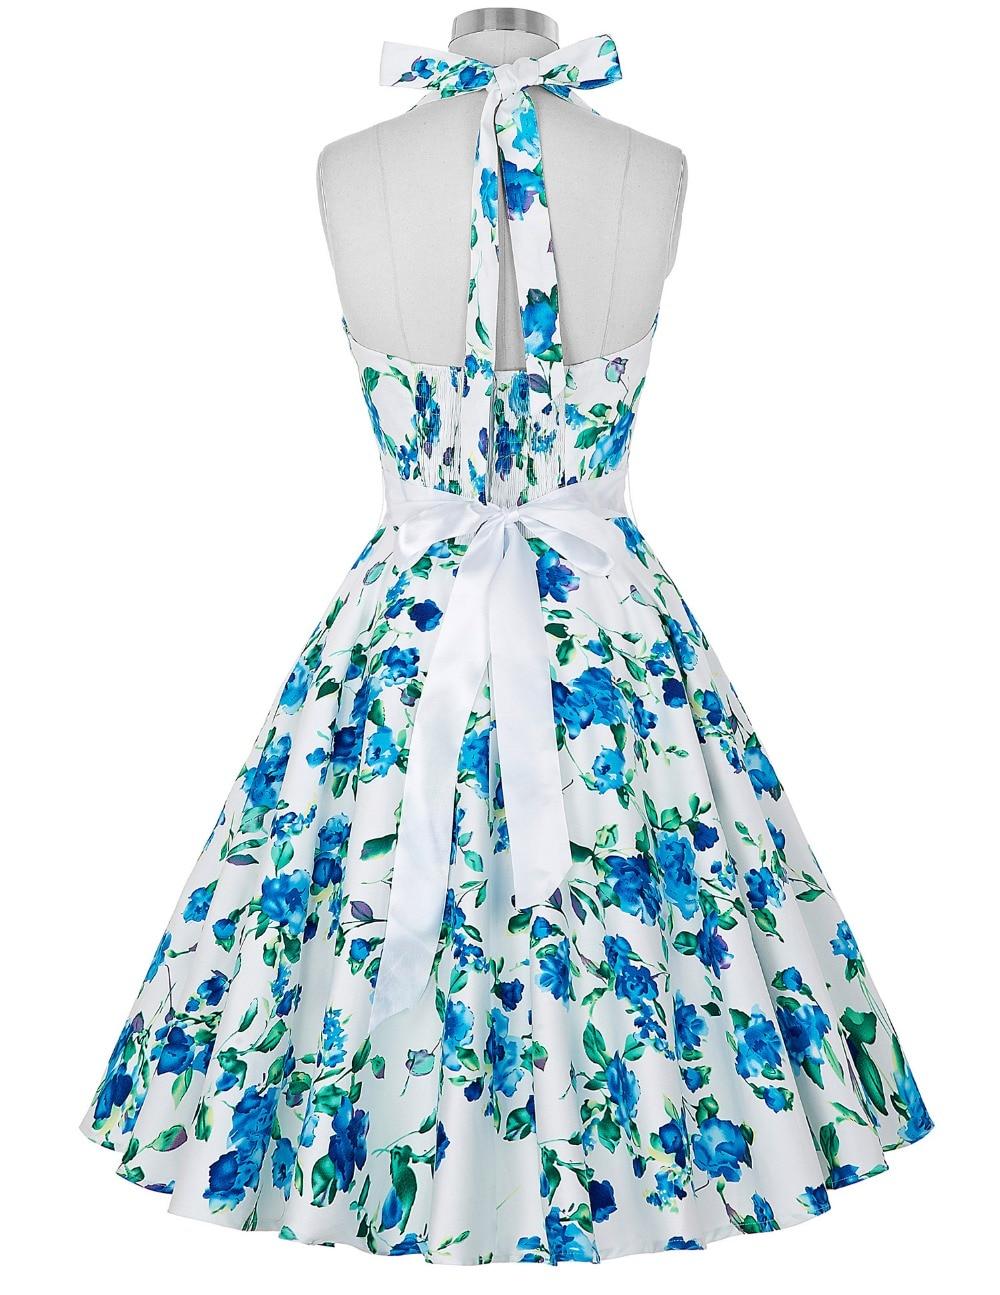 Belle Poque Audrey Hepburn Style Vintage Dresses Summer Plus Size ...